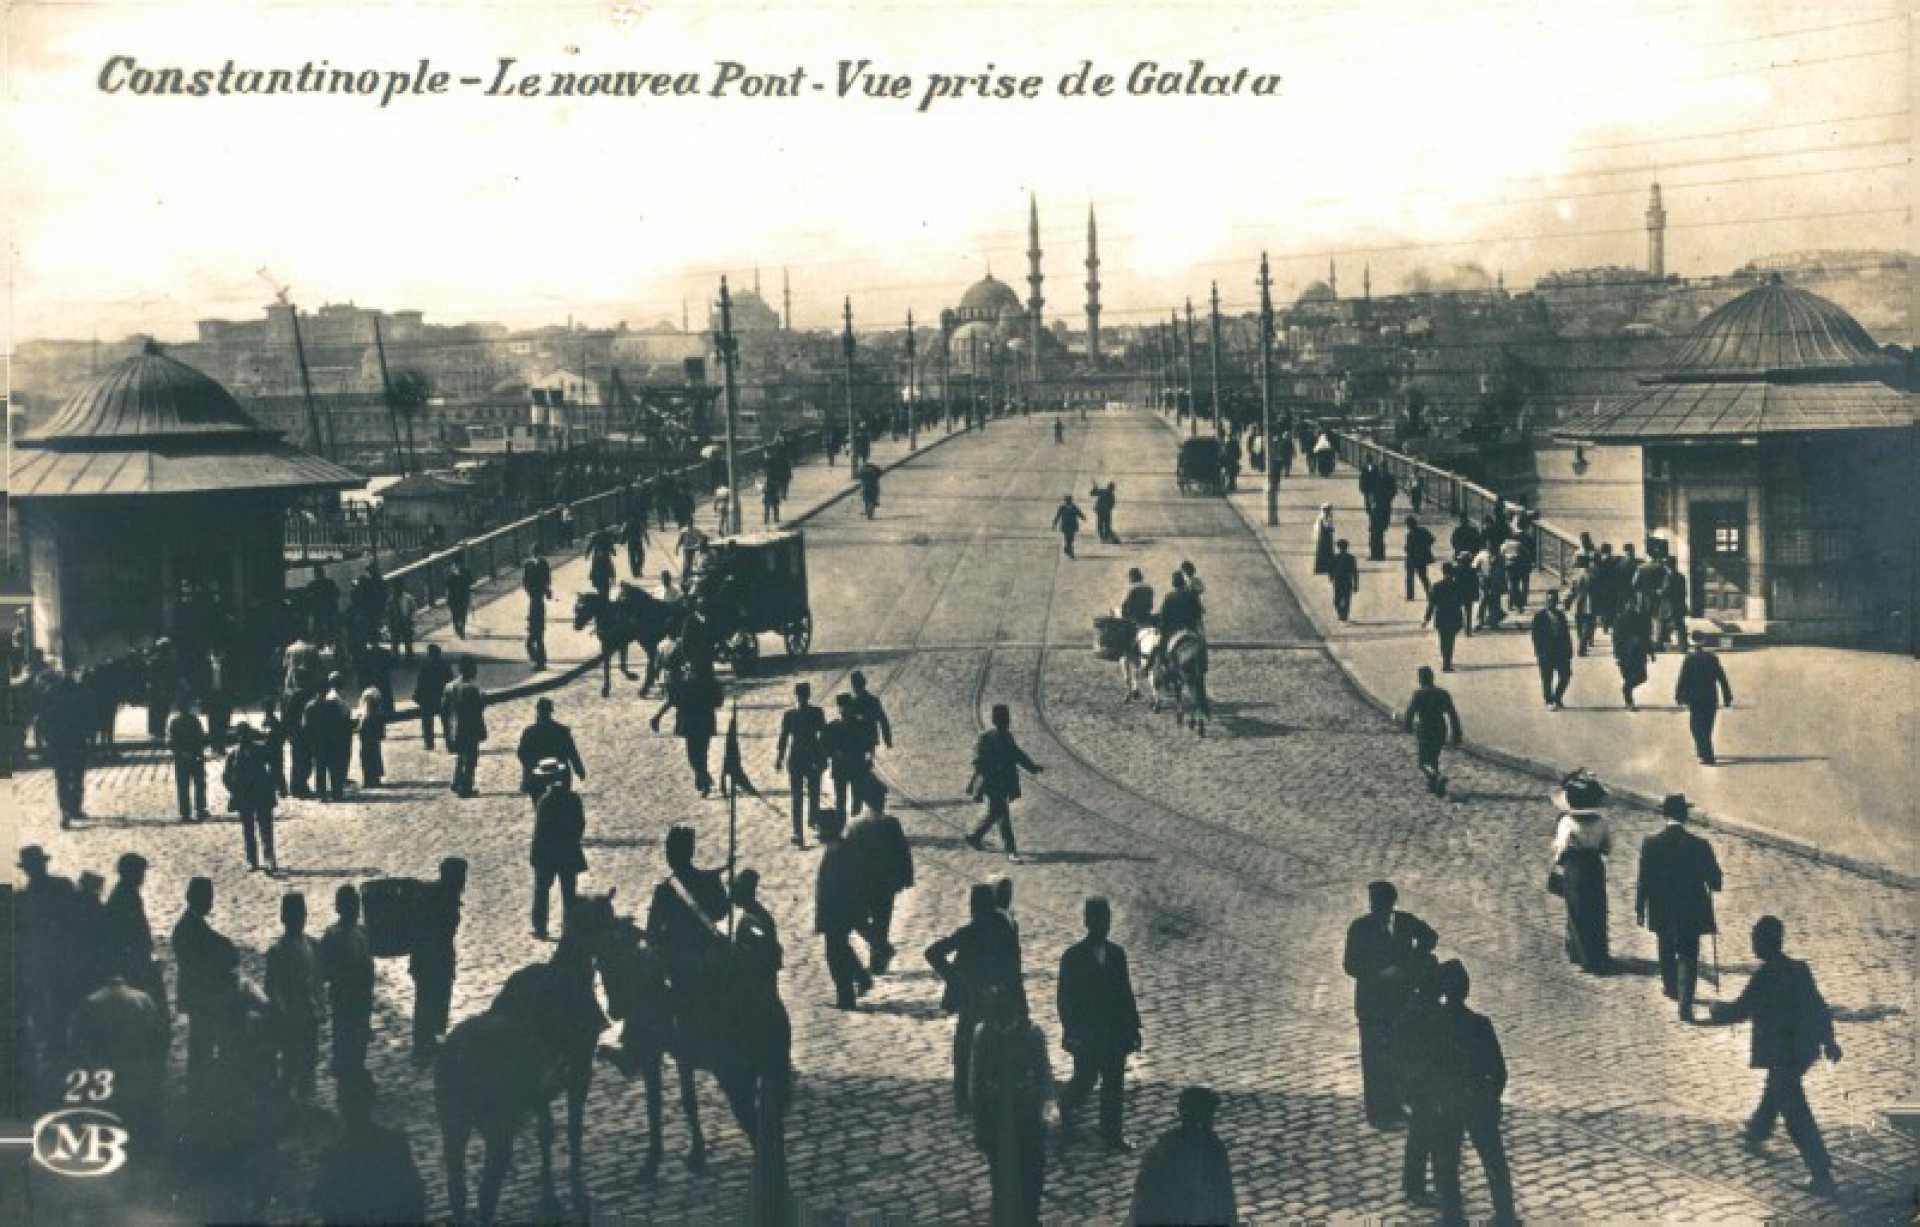 Le nouvea pont – vue prise de Galata